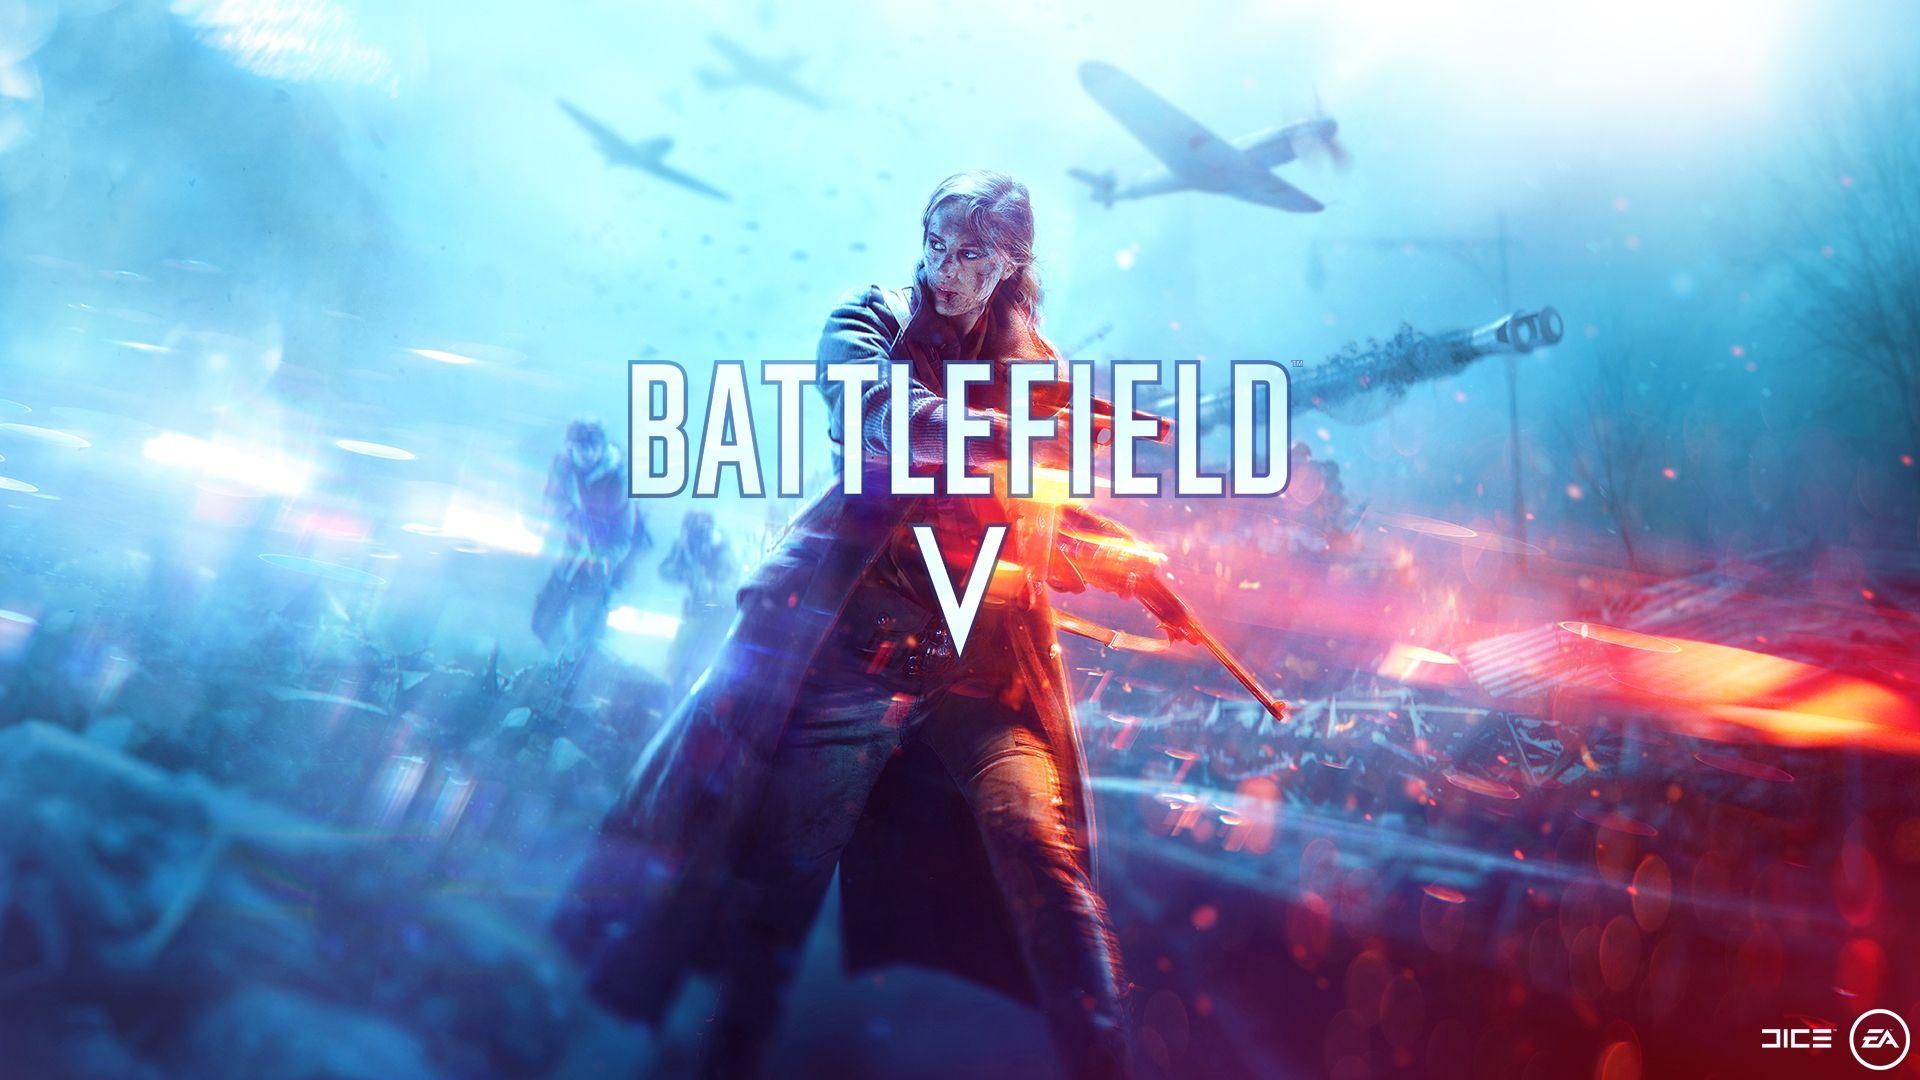 Battlefield V promo image